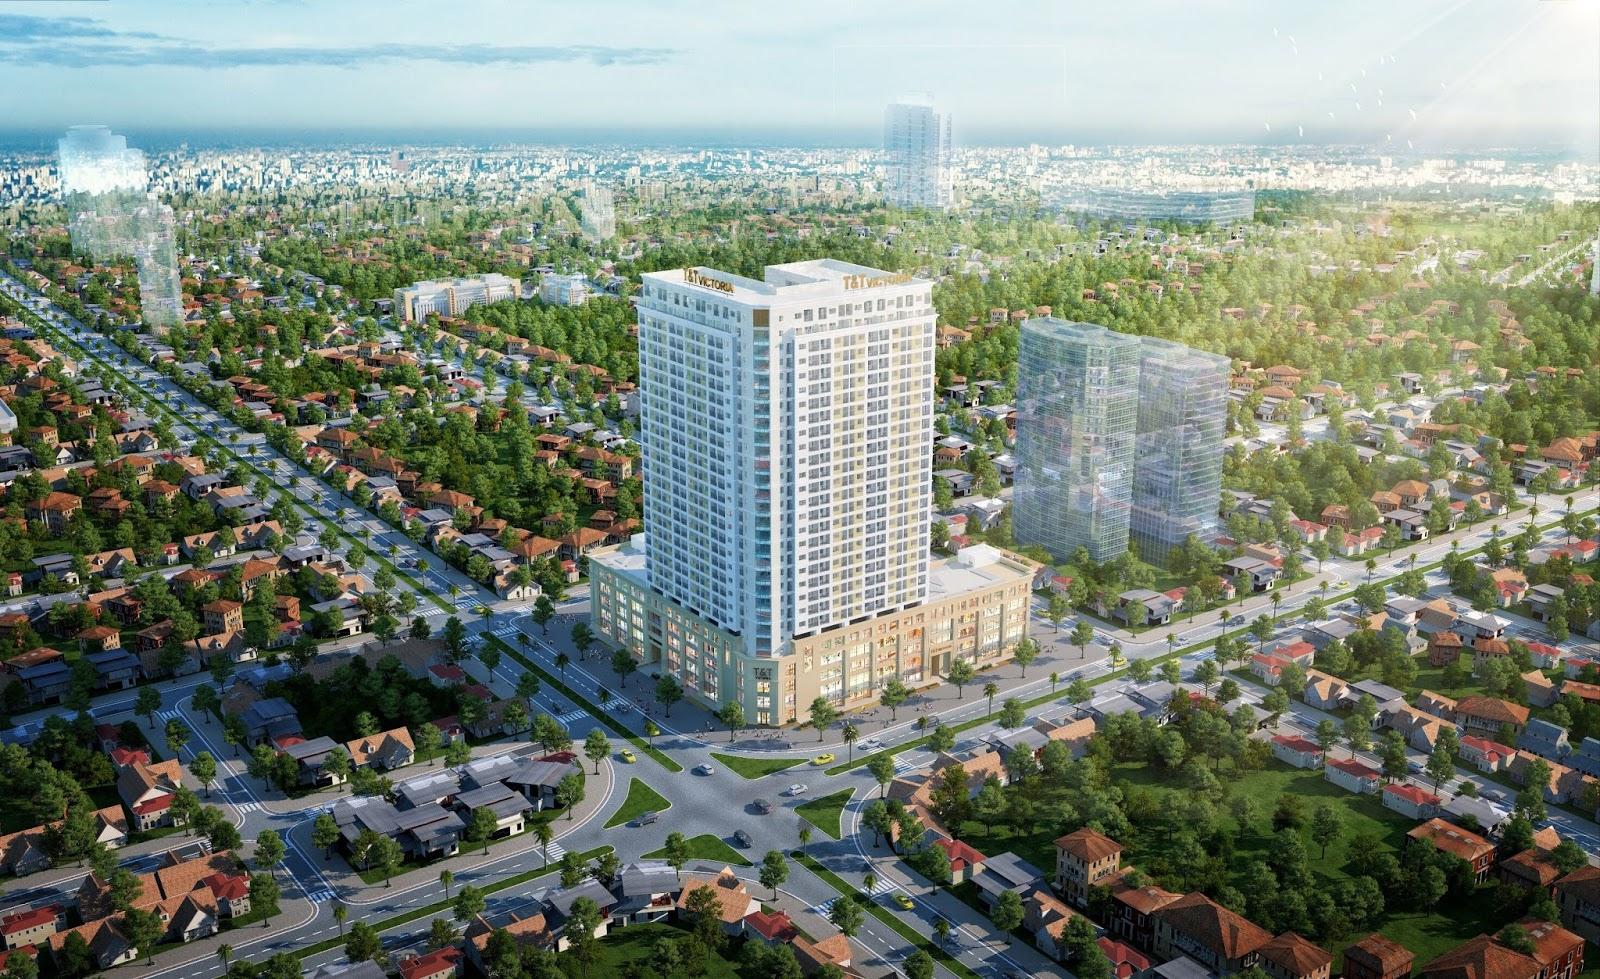 Chung cư cao cấp T&T Victoria - TP Vinh, Nghệ An